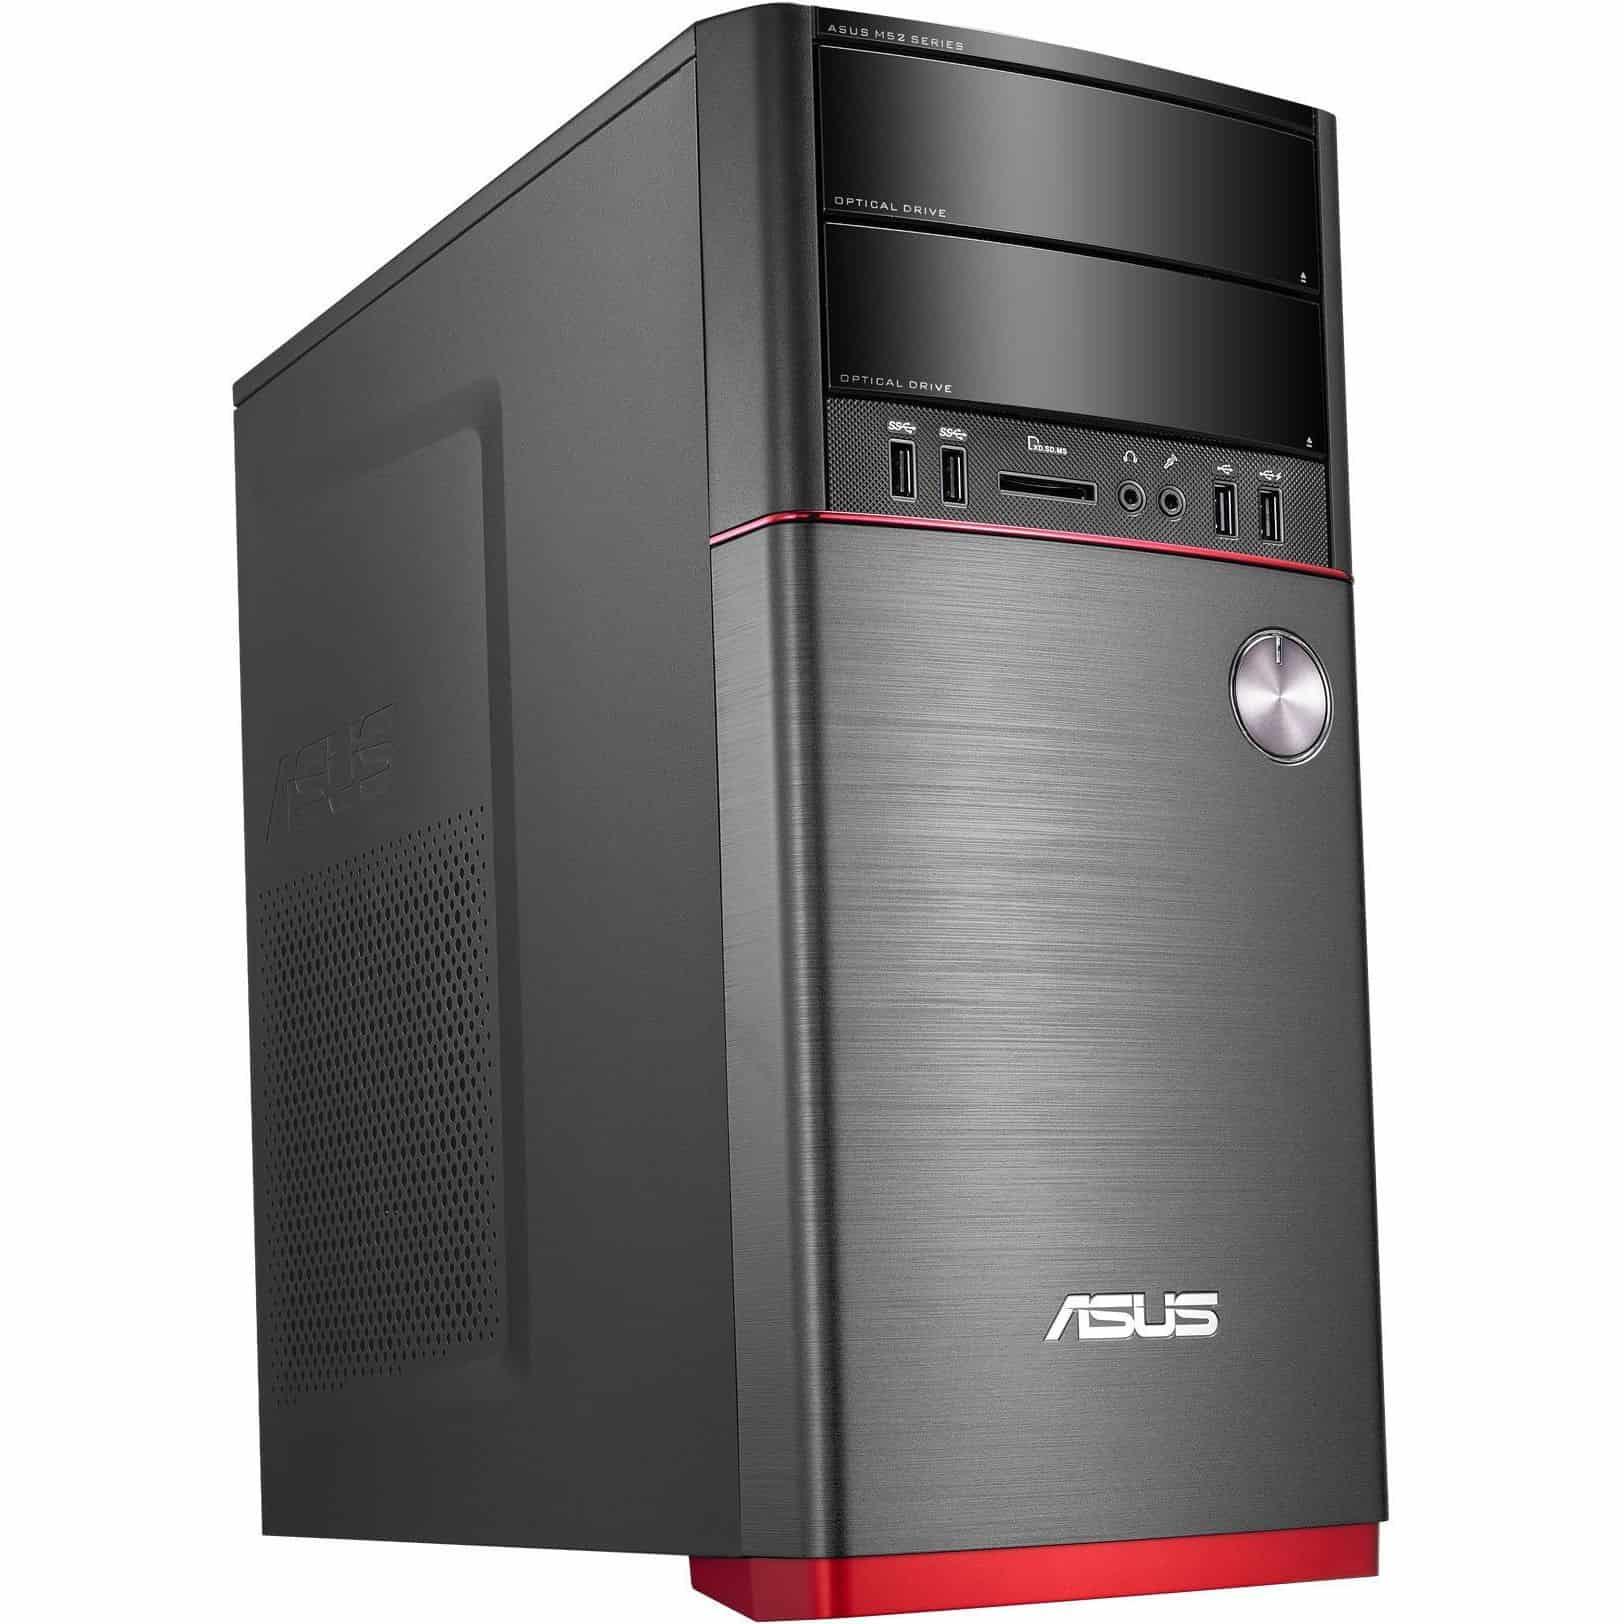 Asus M52AD-XTREME-RO003D - PC cu performante fara compromis!